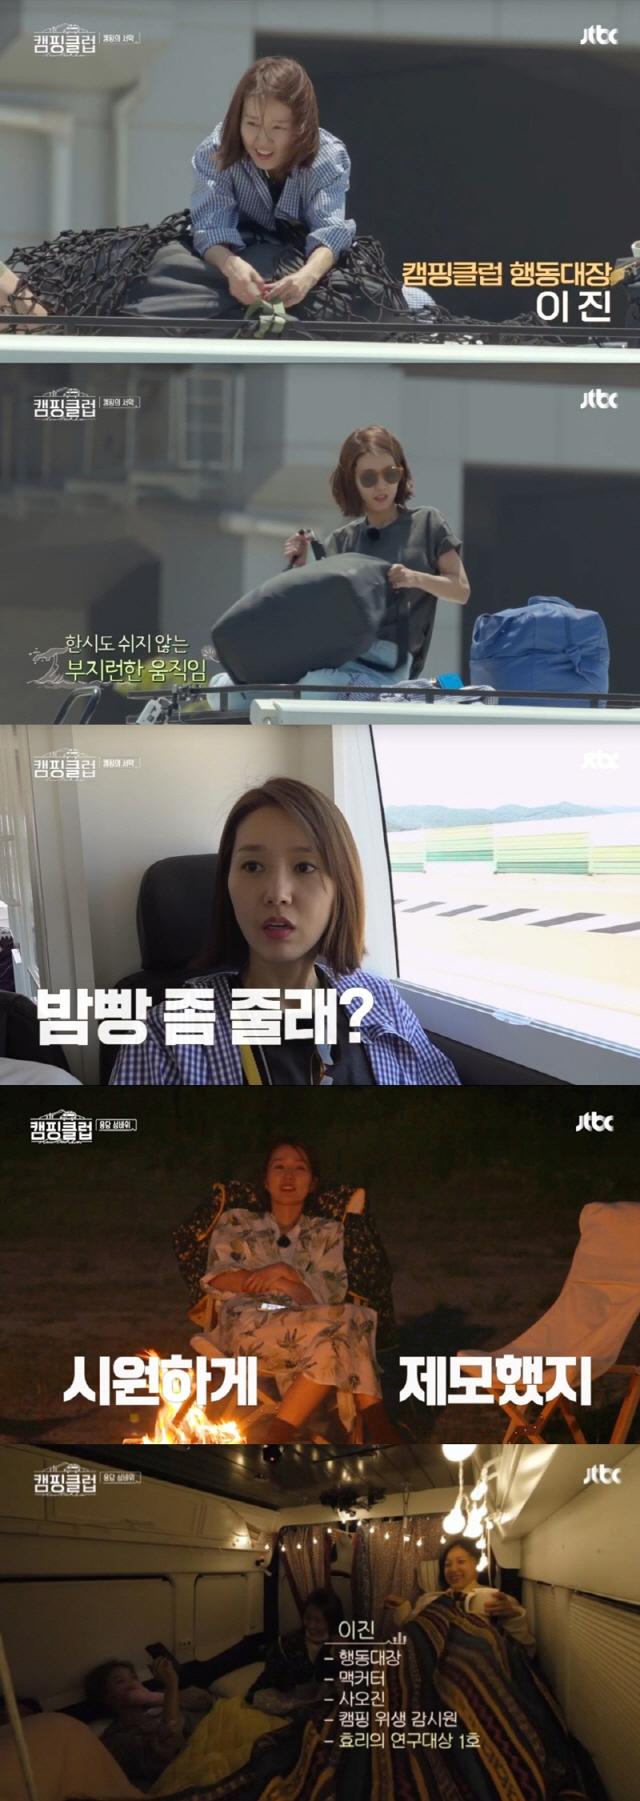 '캠핑클럽' 이진, 이효리의 원픽으로 등극 '21년 만에 터진 케미'